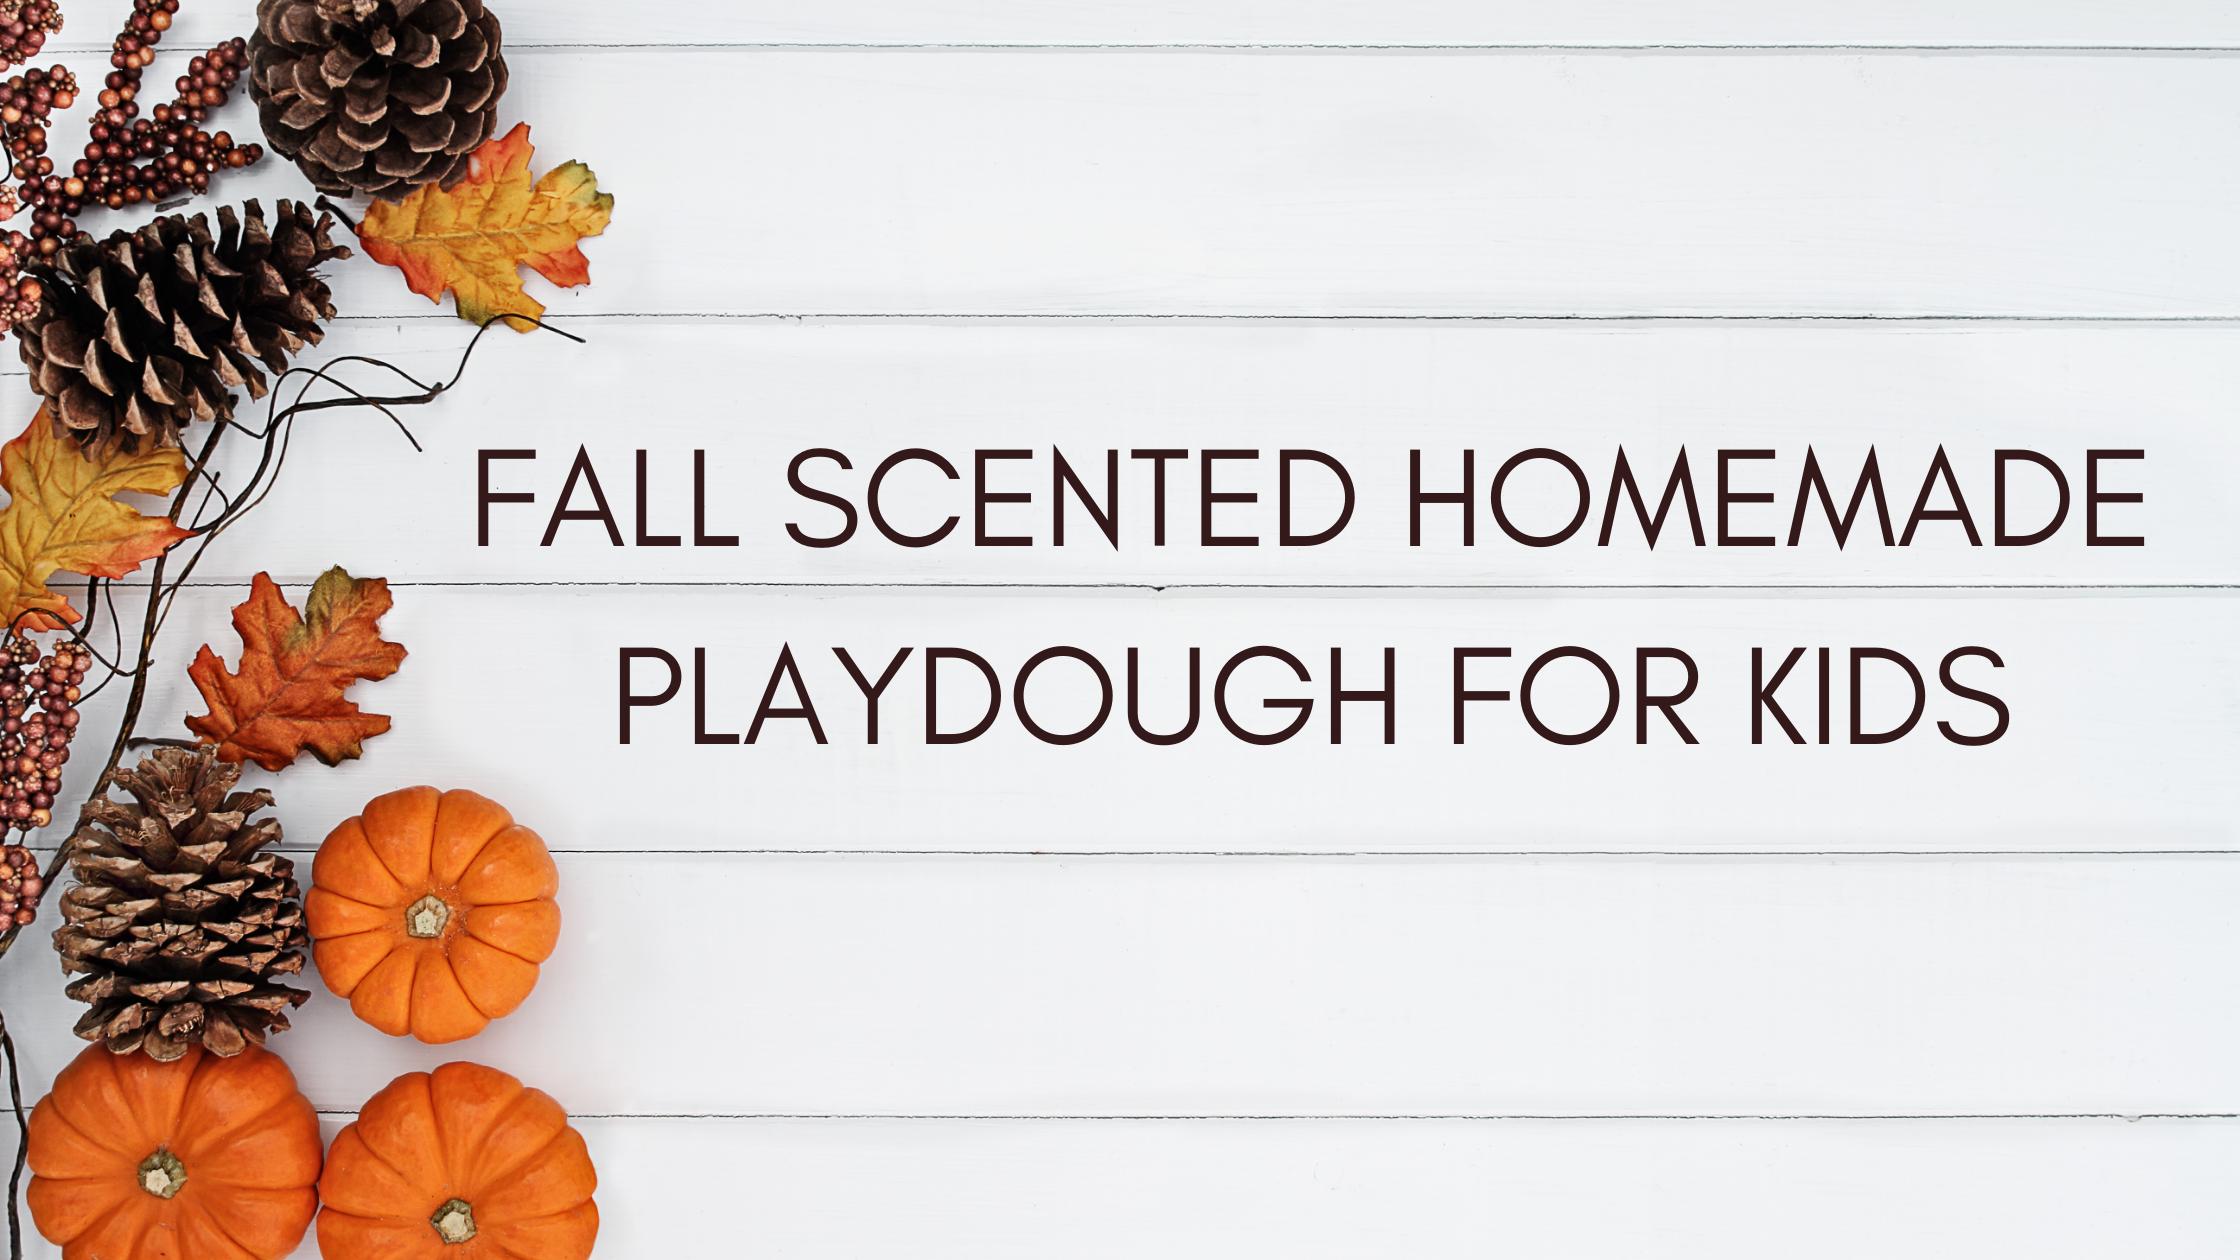 Fall Scented Homemade Playdough Recipe